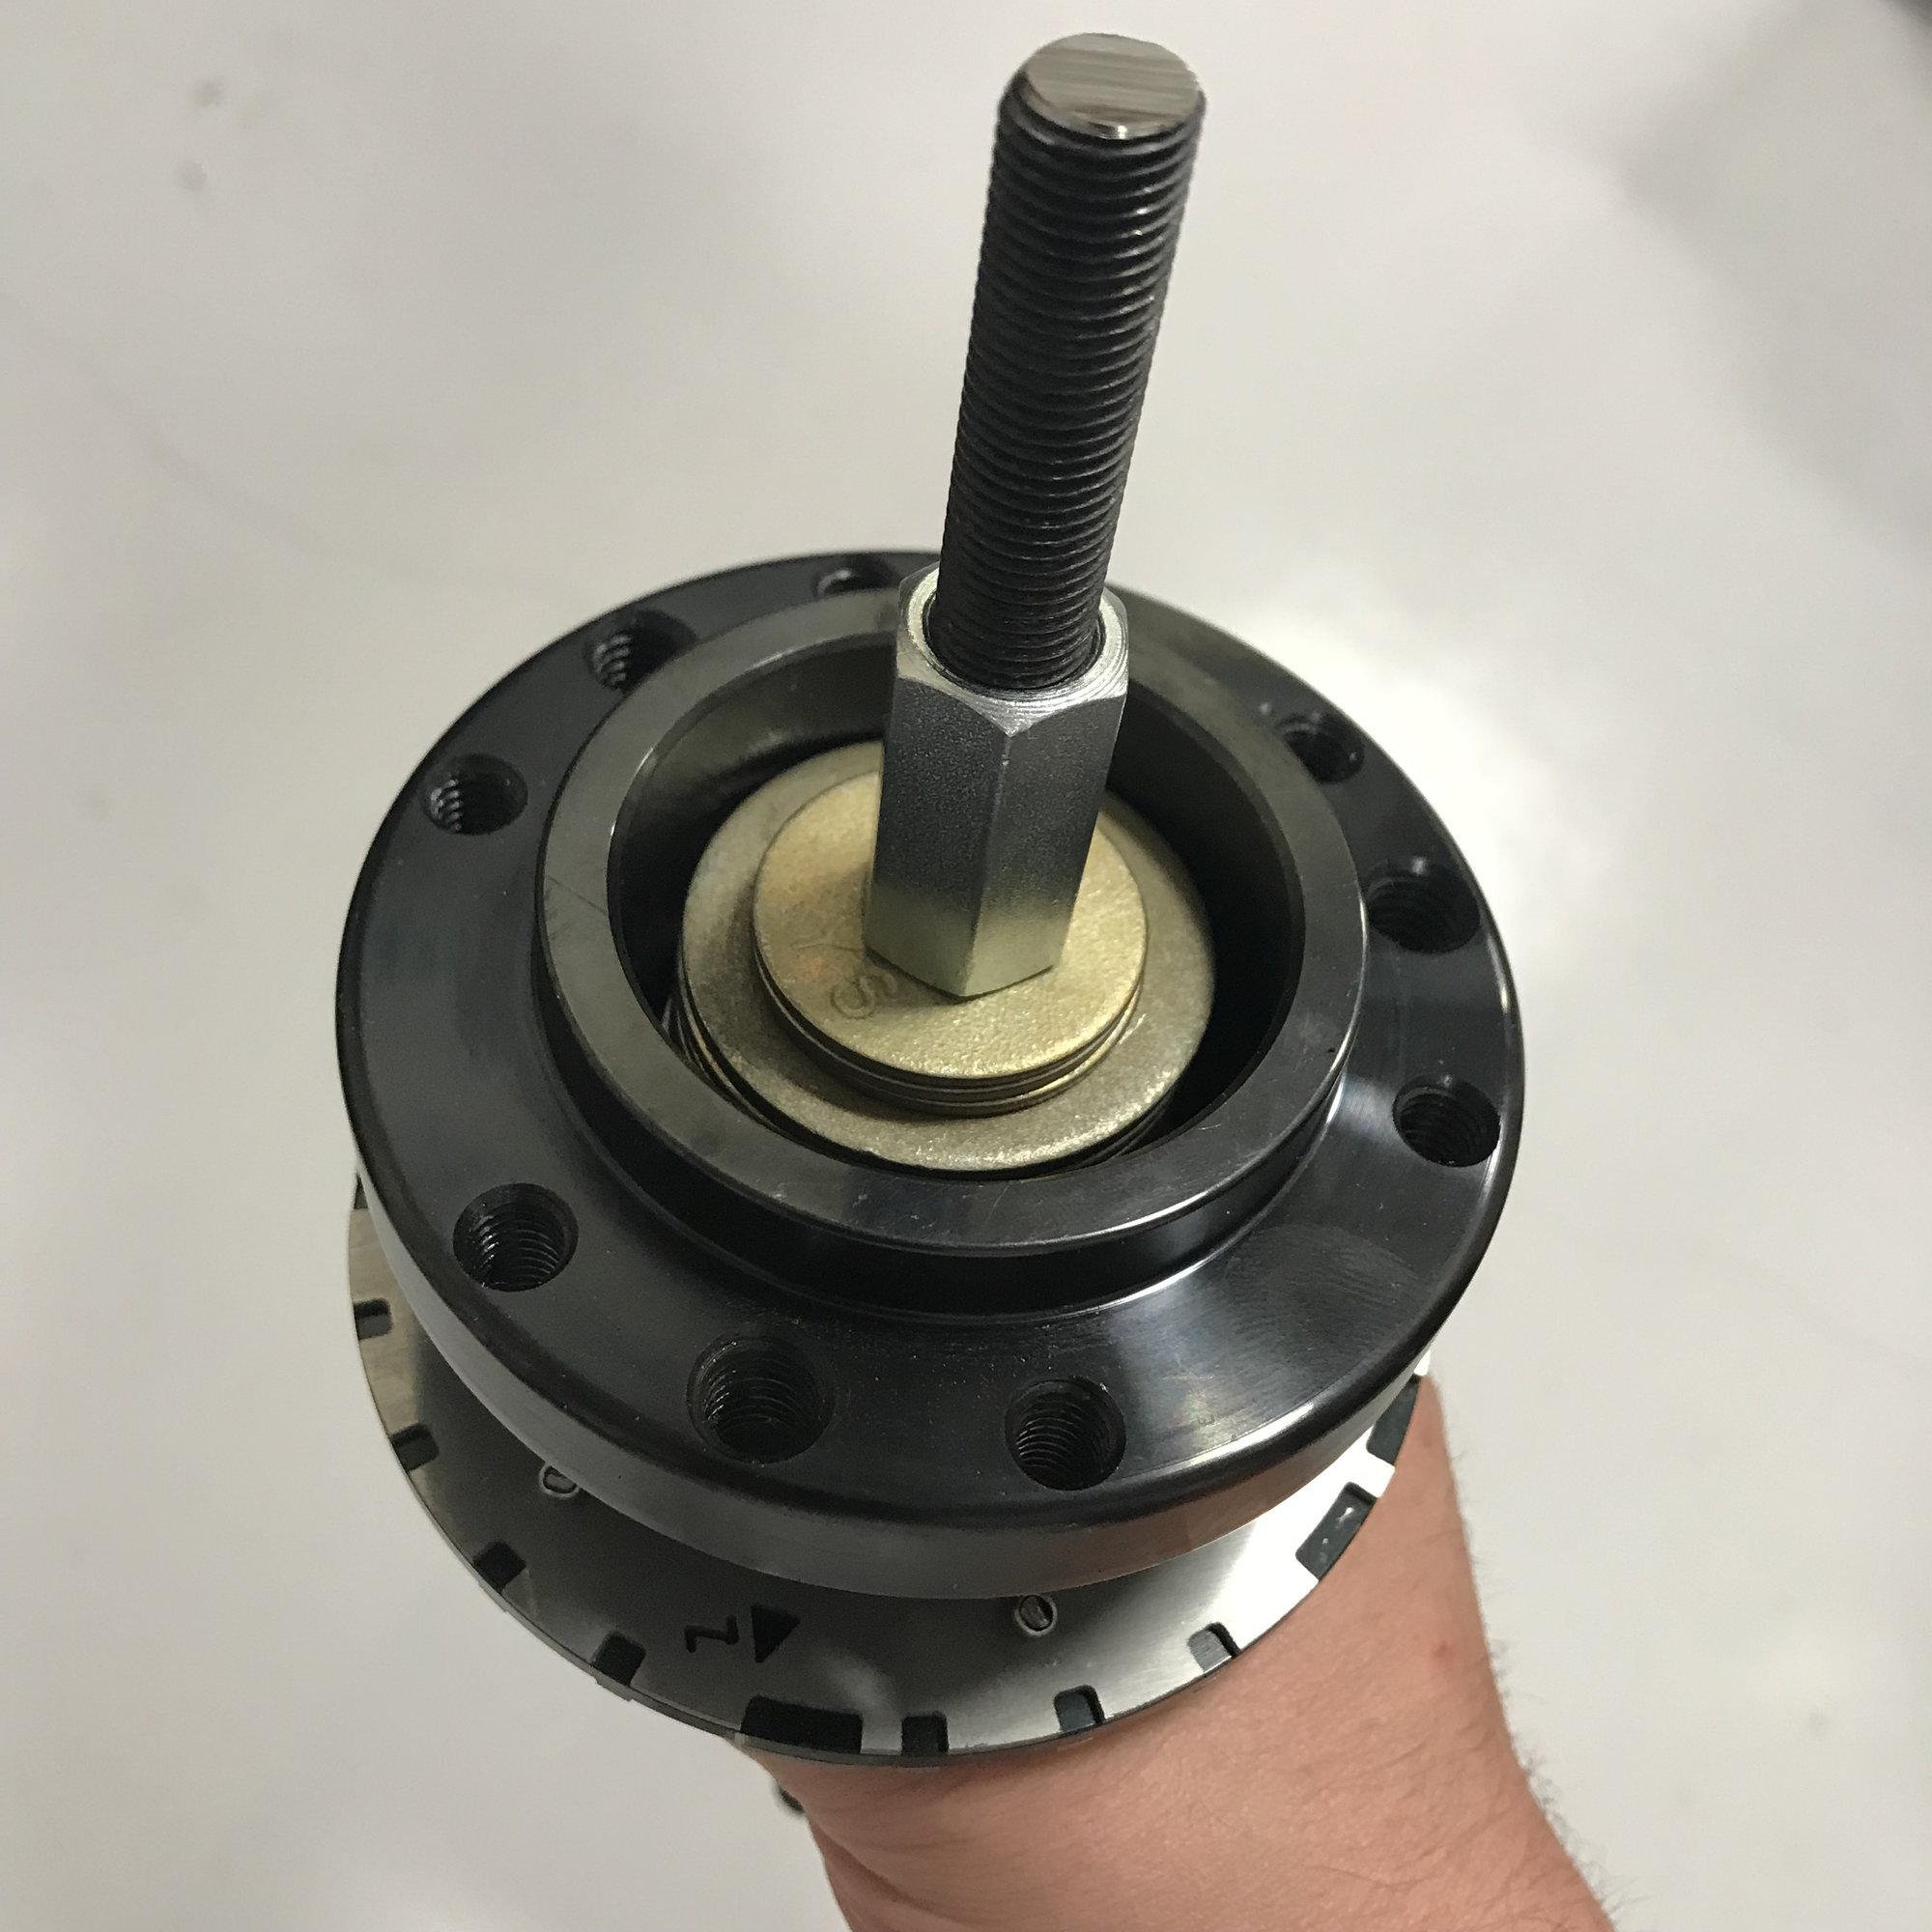 Install of TorqHead Ltd  24x System (Project Tilikum